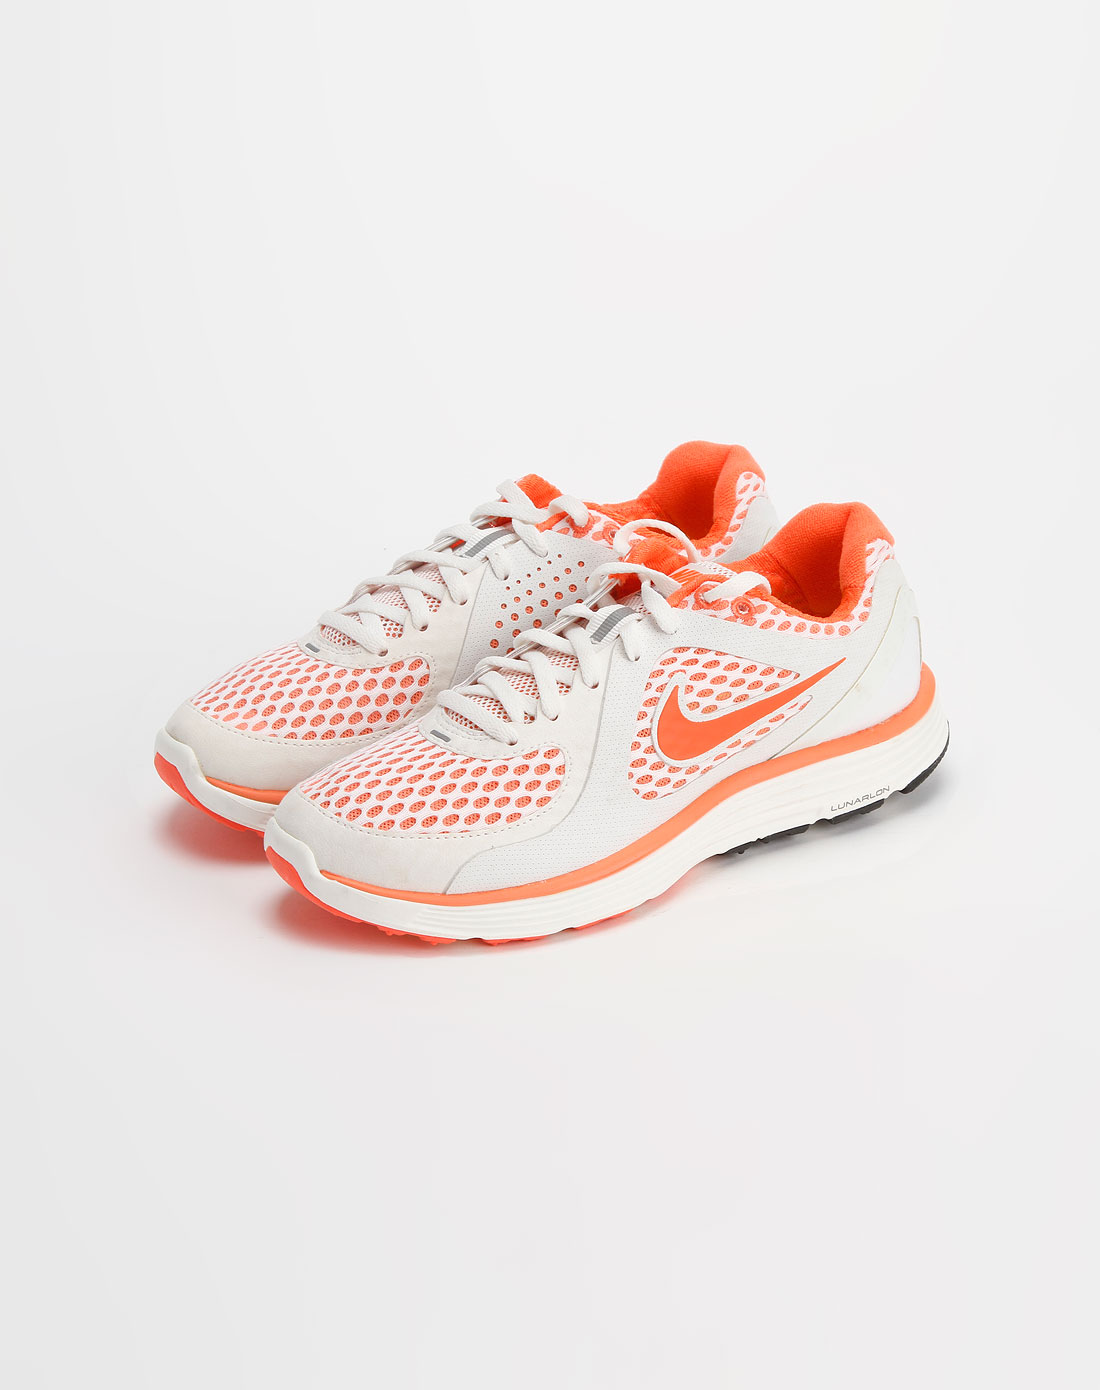 白/橙色镂空运动鞋_耐克nike-女装专场特价2.5-4